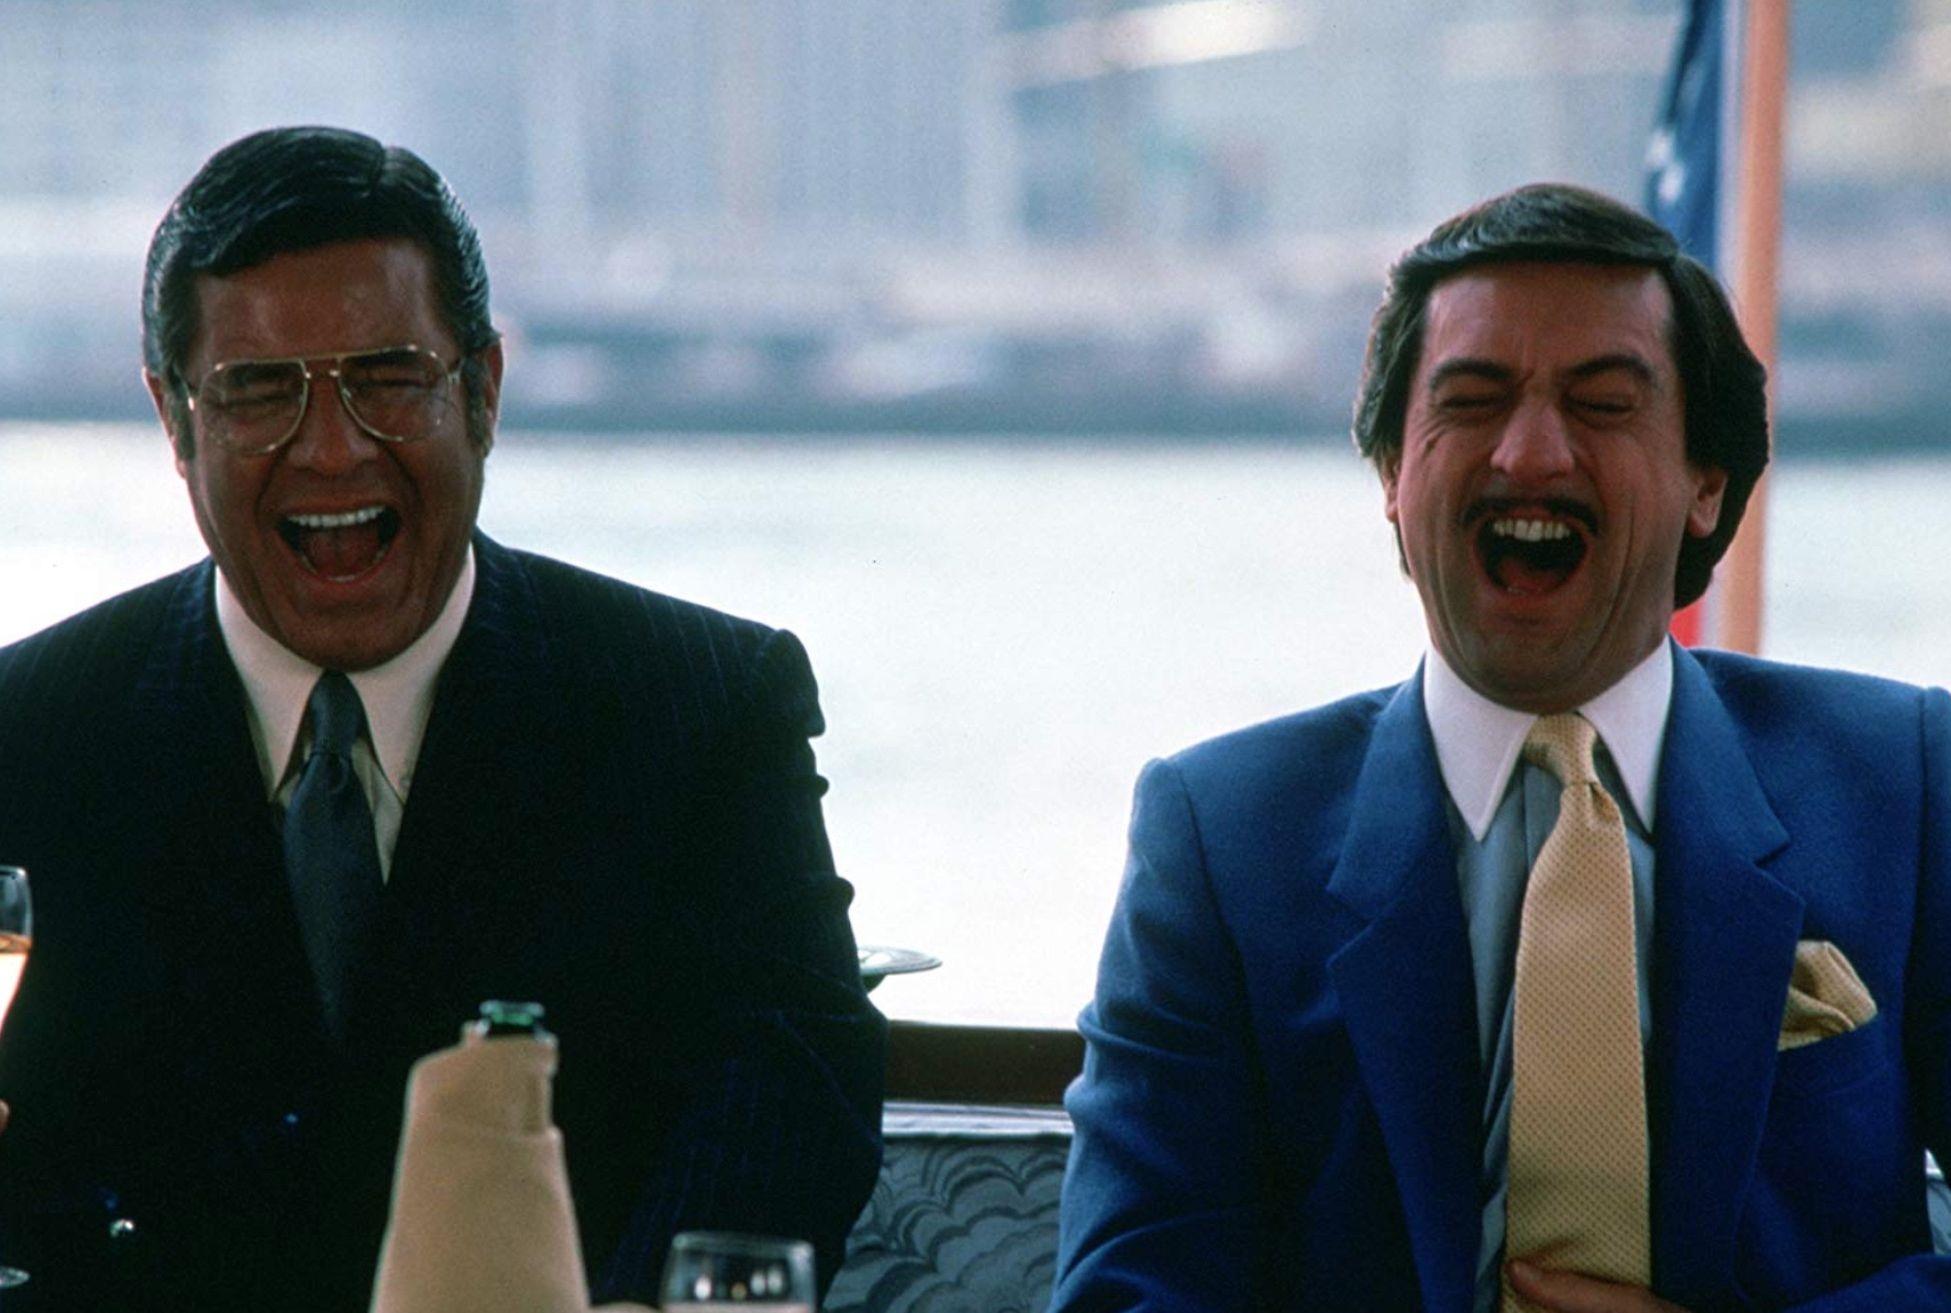 Король комедии (The King of Comedy) 1982